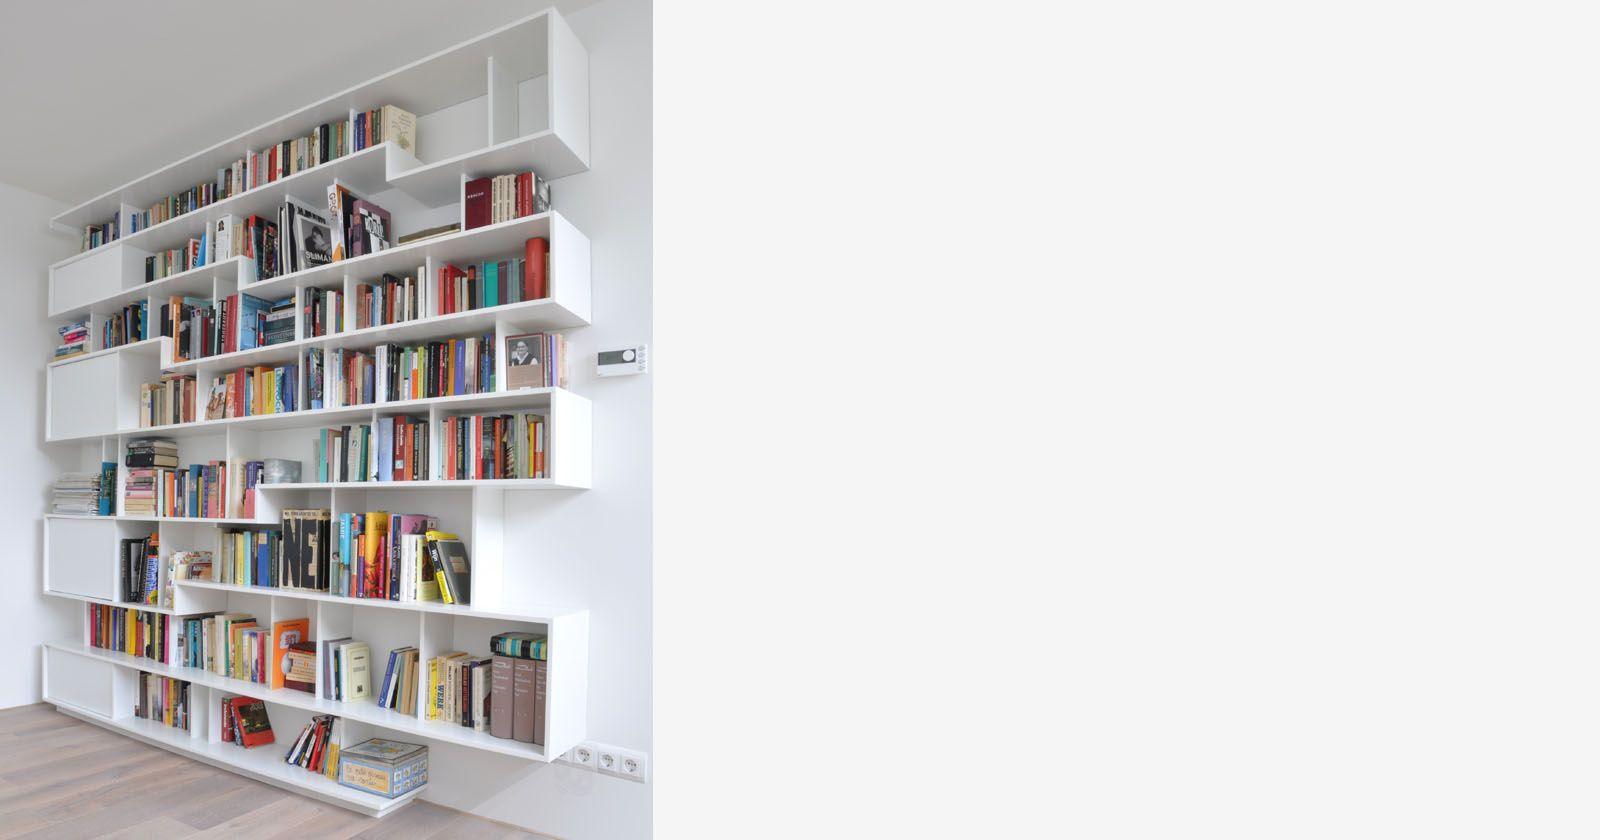 origineel design boekenkast design boekenkast origineel boekenkast sculptuur design